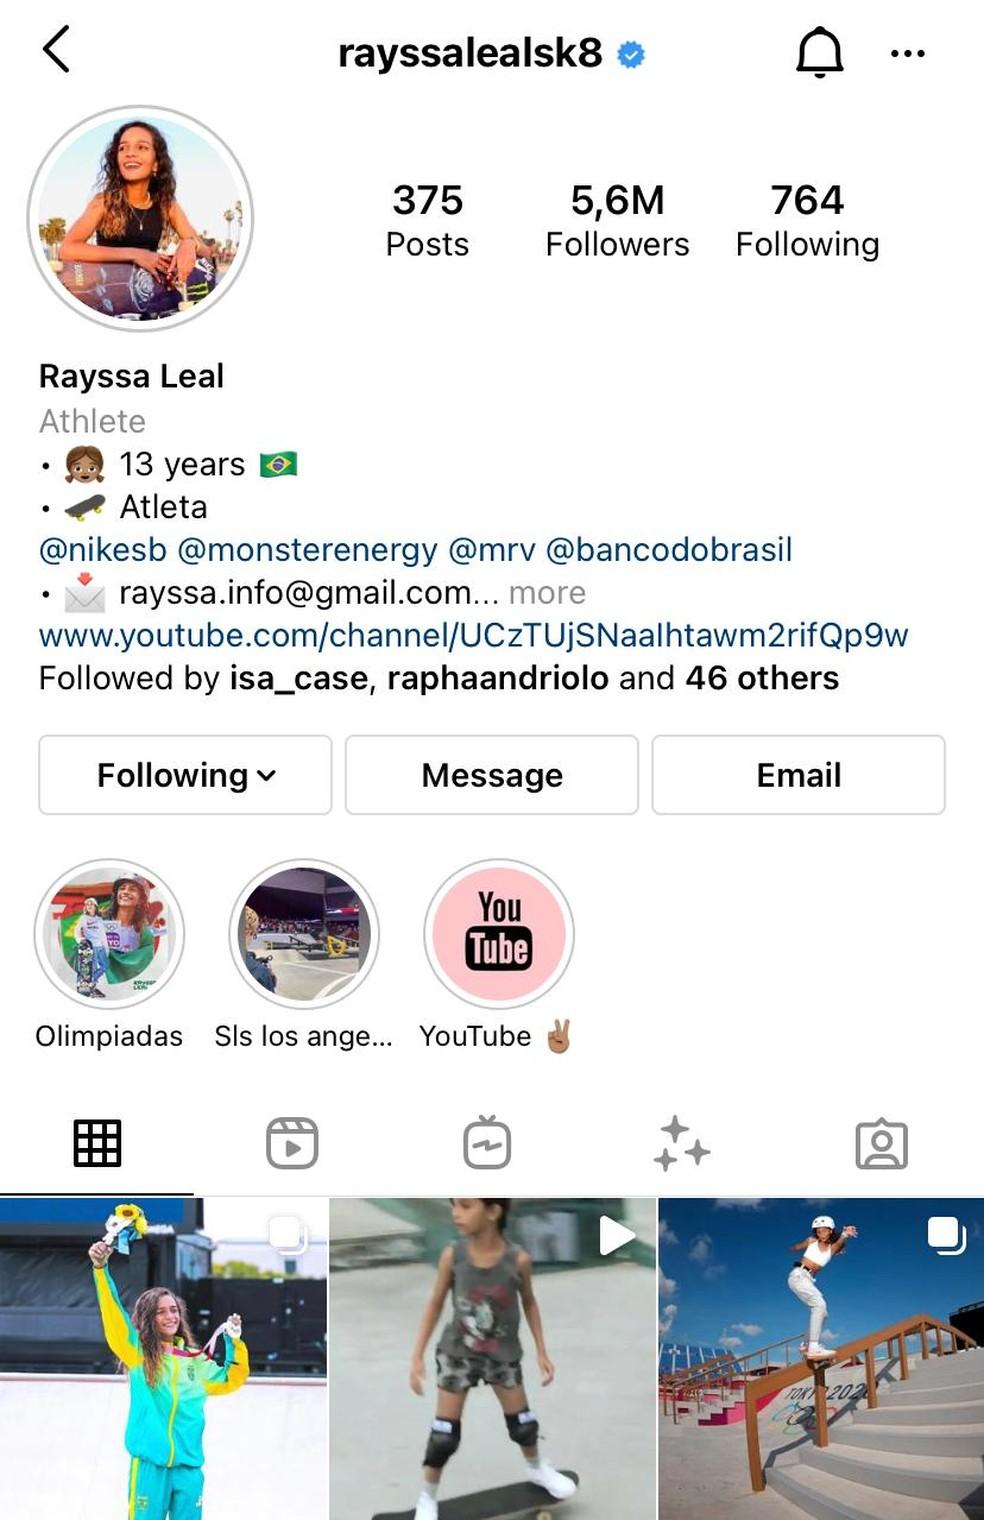 Rayssa Leal ultrapassa os 5,5 milhões de seguidores no Instagram  — Foto: Reprodução